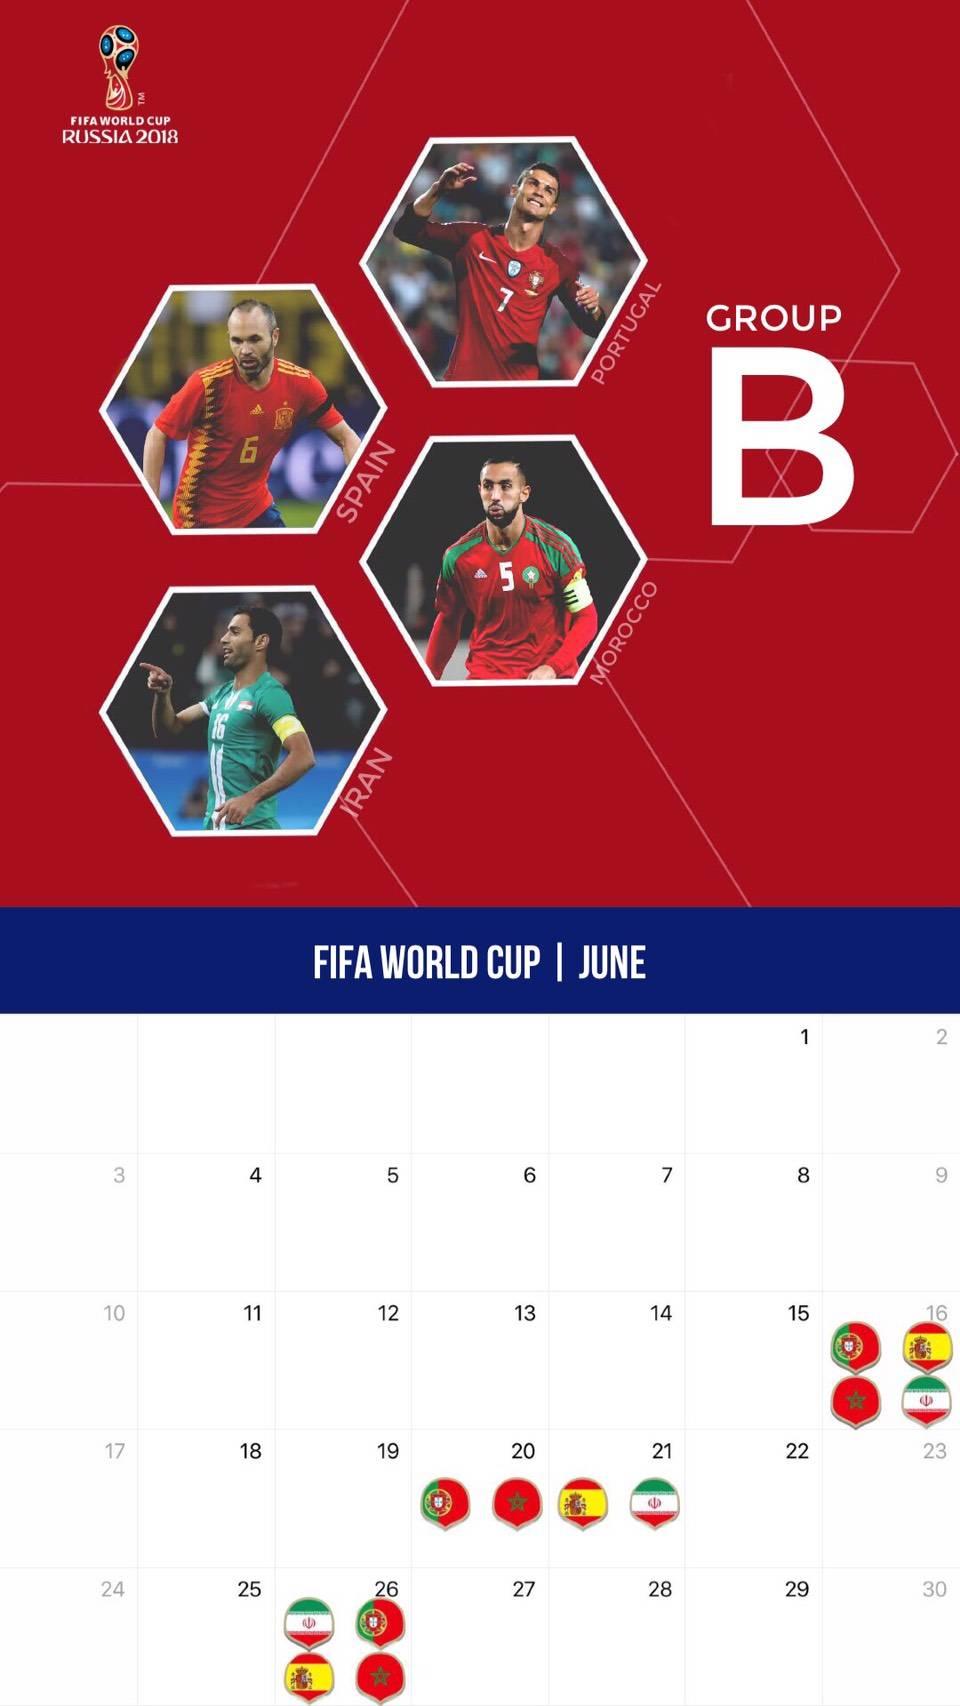 サッカー W杯仕様カレンダー壁紙 18年6月版 サッカー壁紙 スマートフォン Iphone用 壁紙 全8グループ Football Tribe Japan